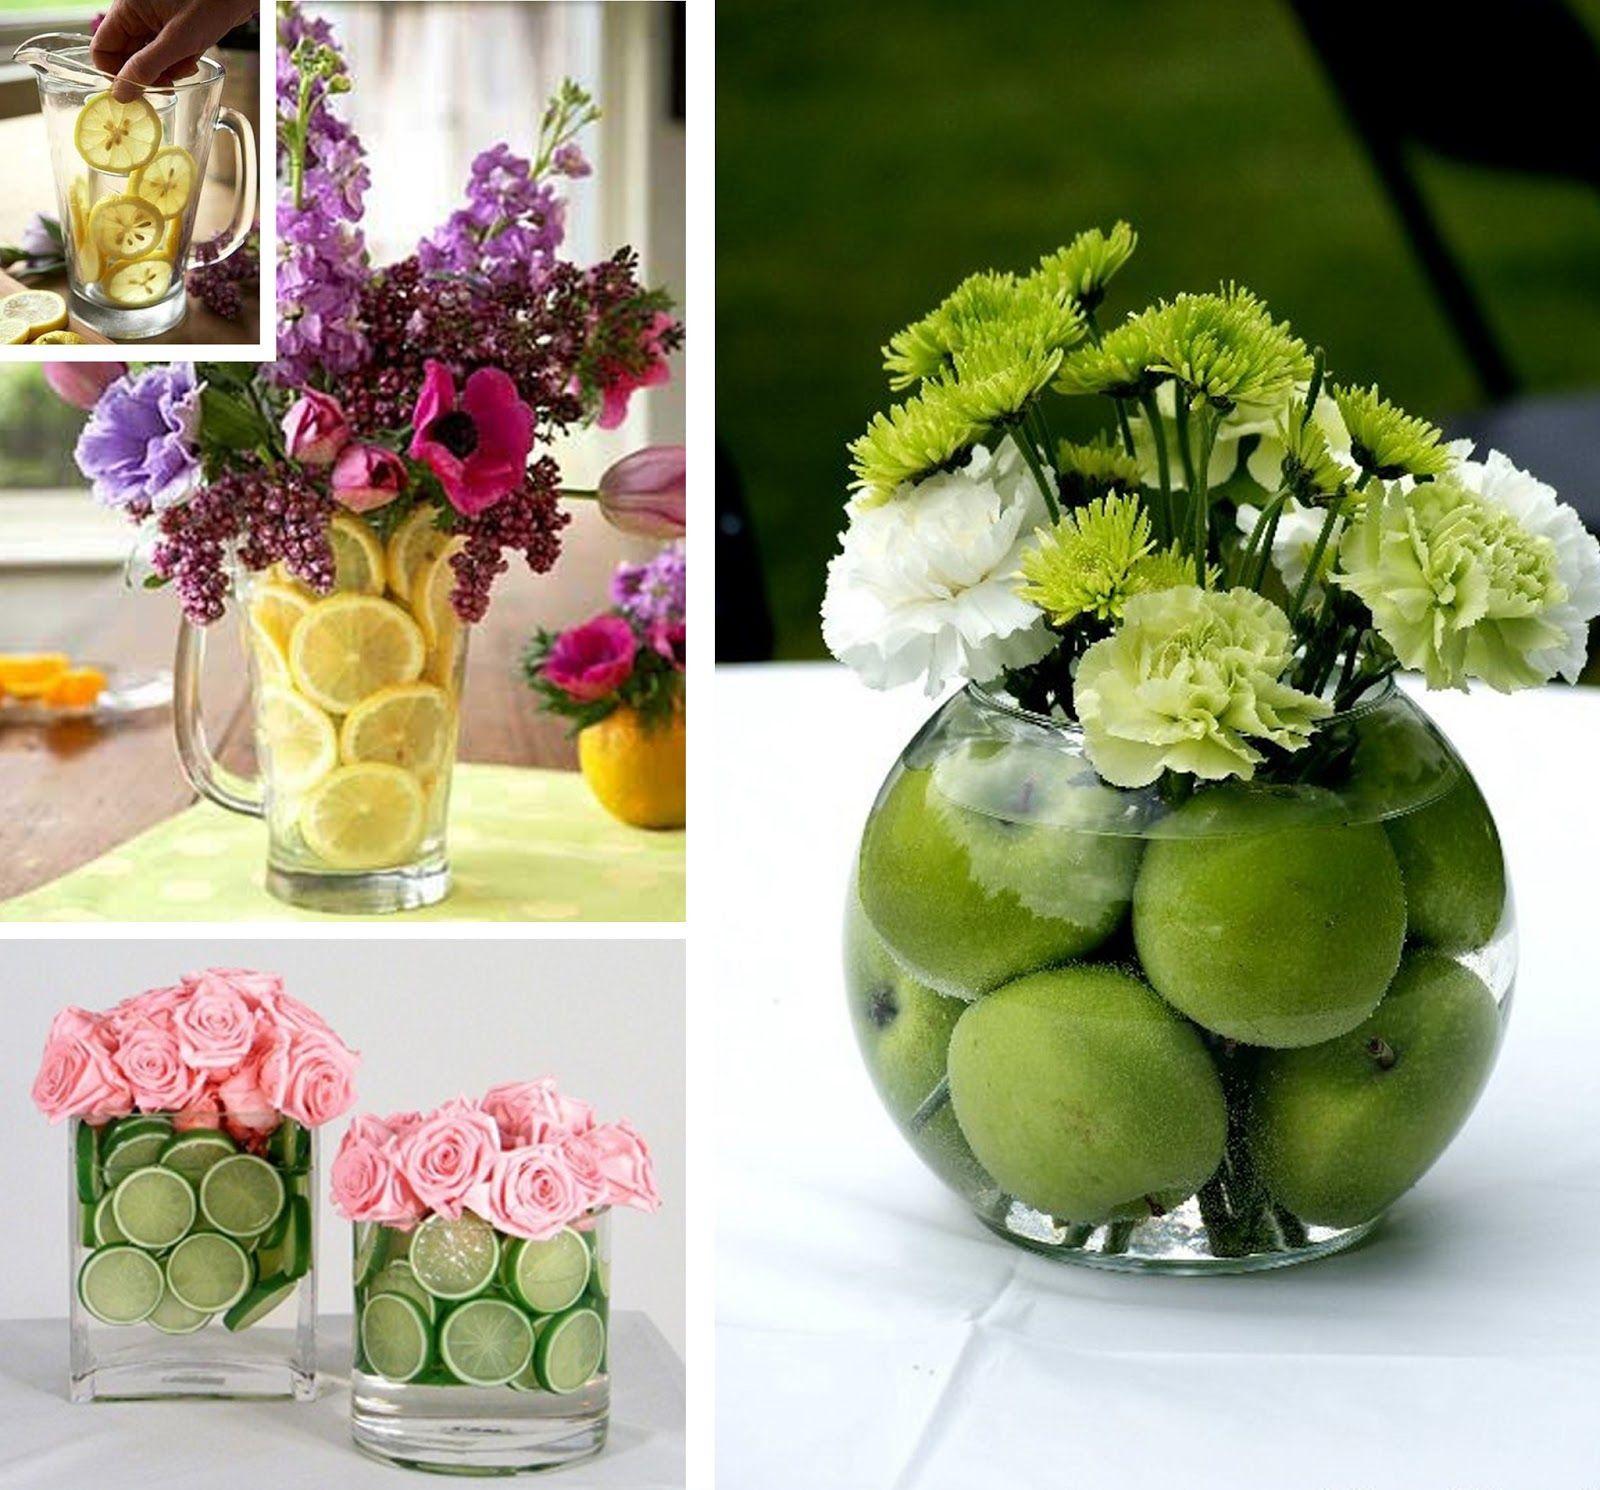 Jarron con limones como decorar una primera comunion - Centros de mesa con limones ...